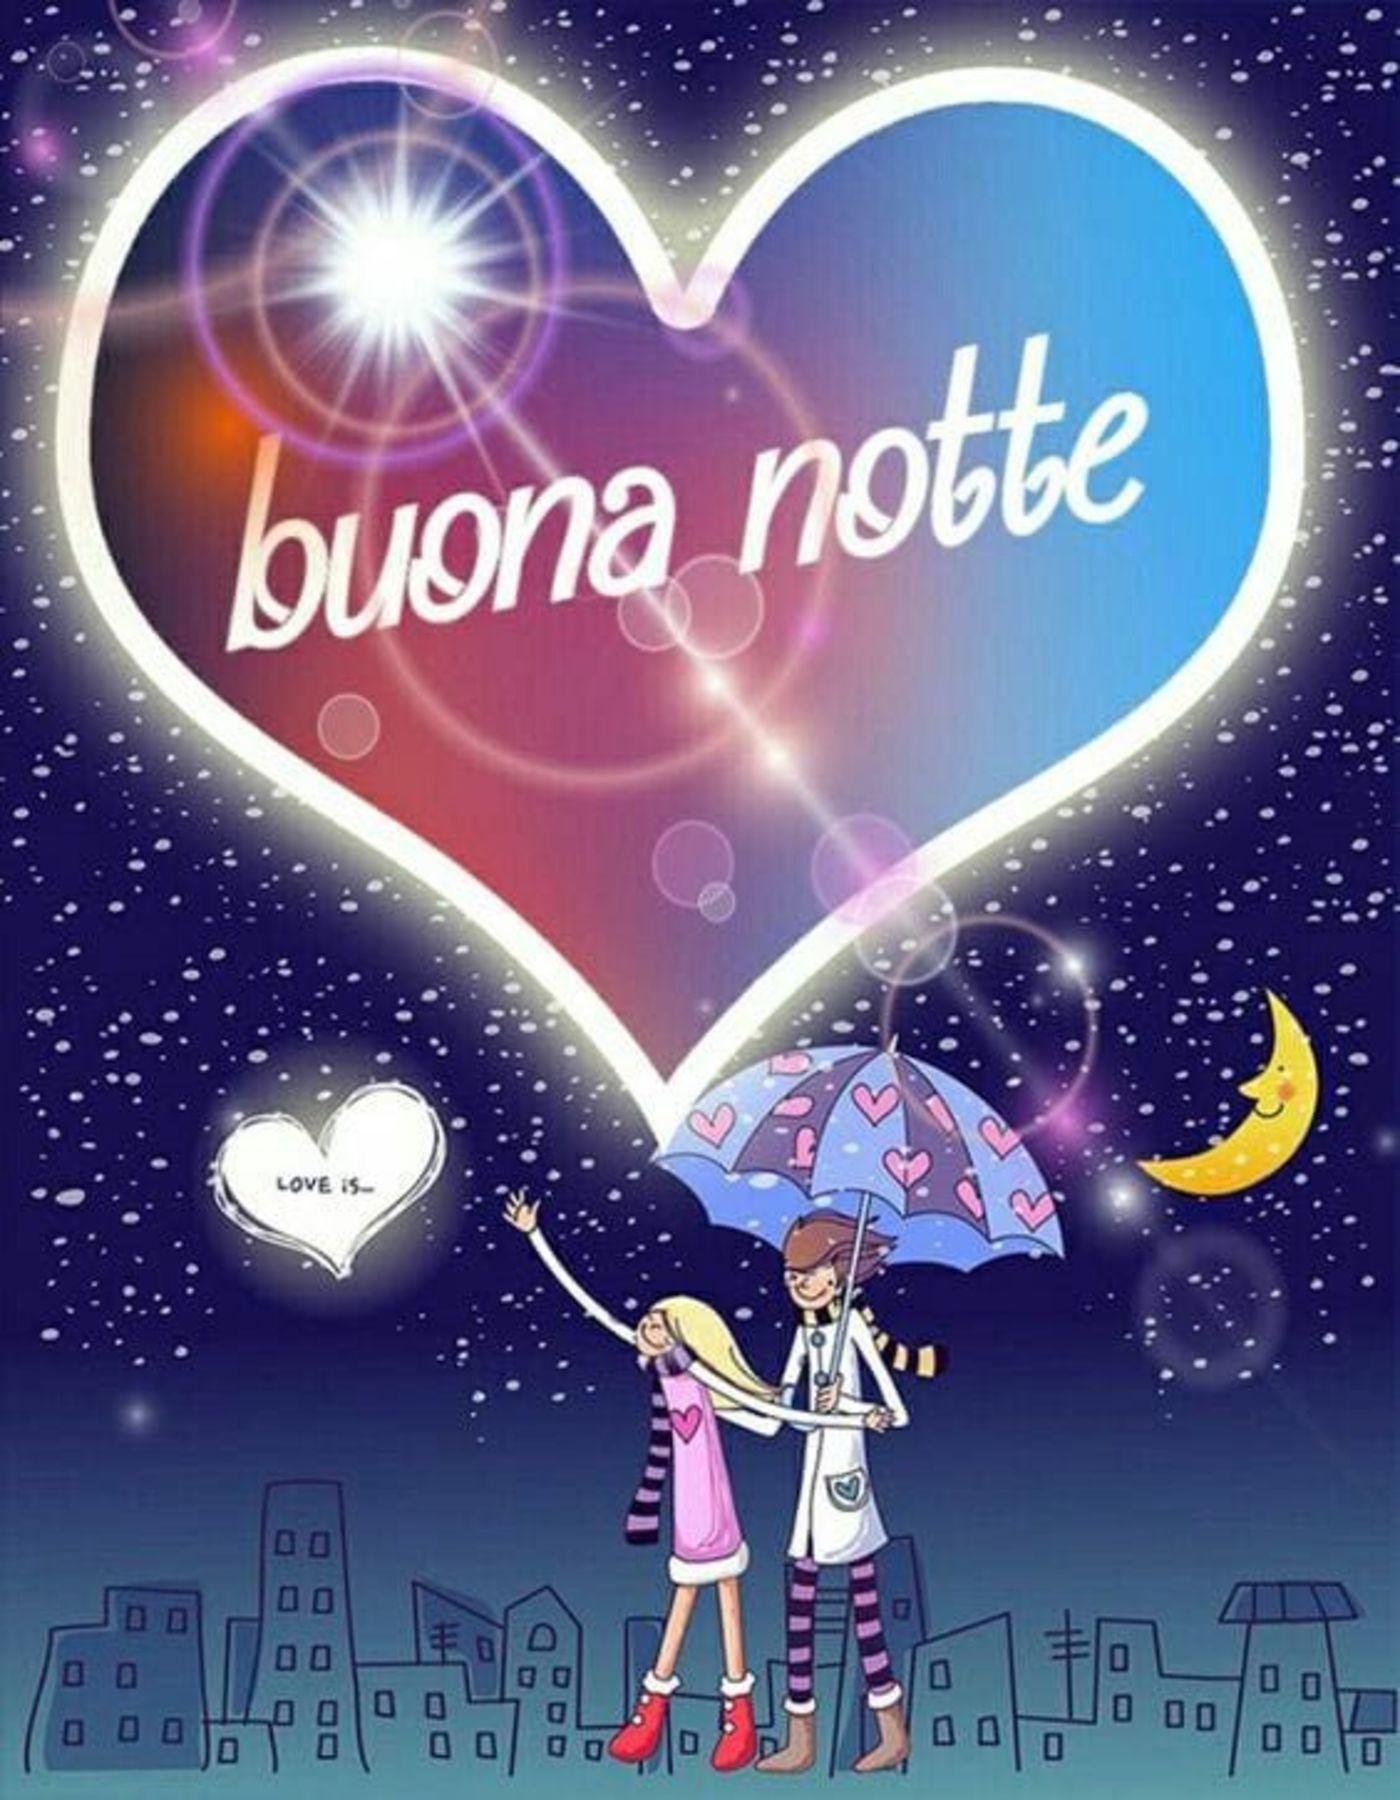 Buona Notte Col Cuore Buongiornissimocaffe It